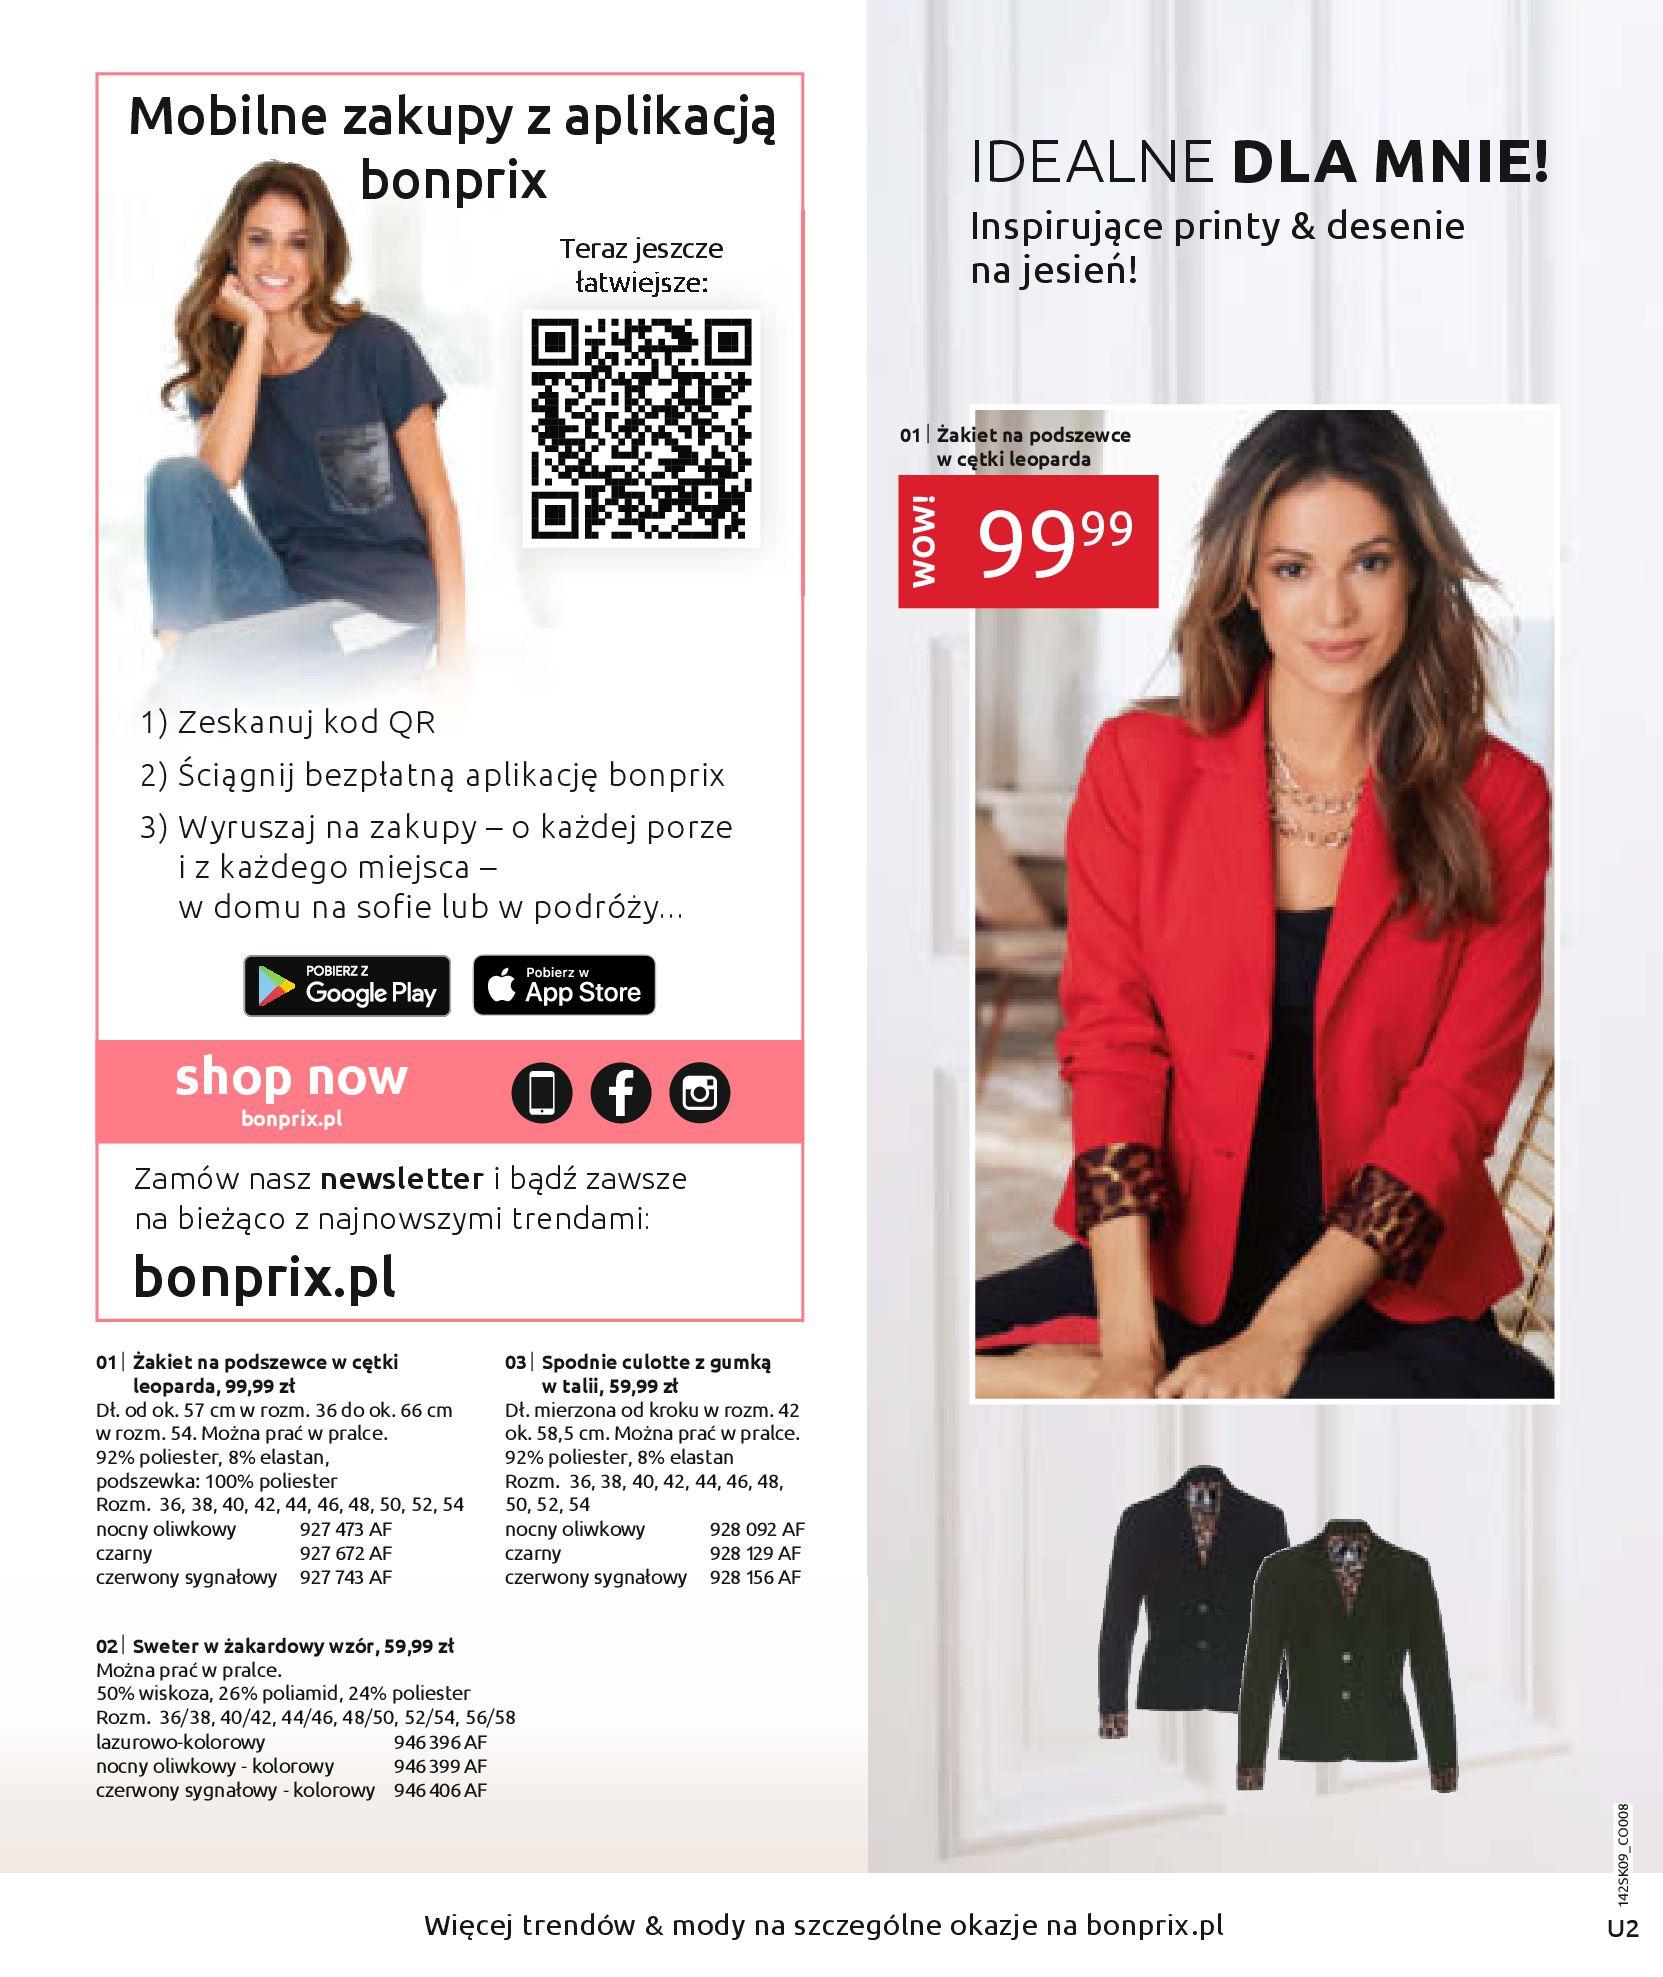 Gazetka Bonprix - Jesienny look-31.08.2020-28.02.2021-page-2